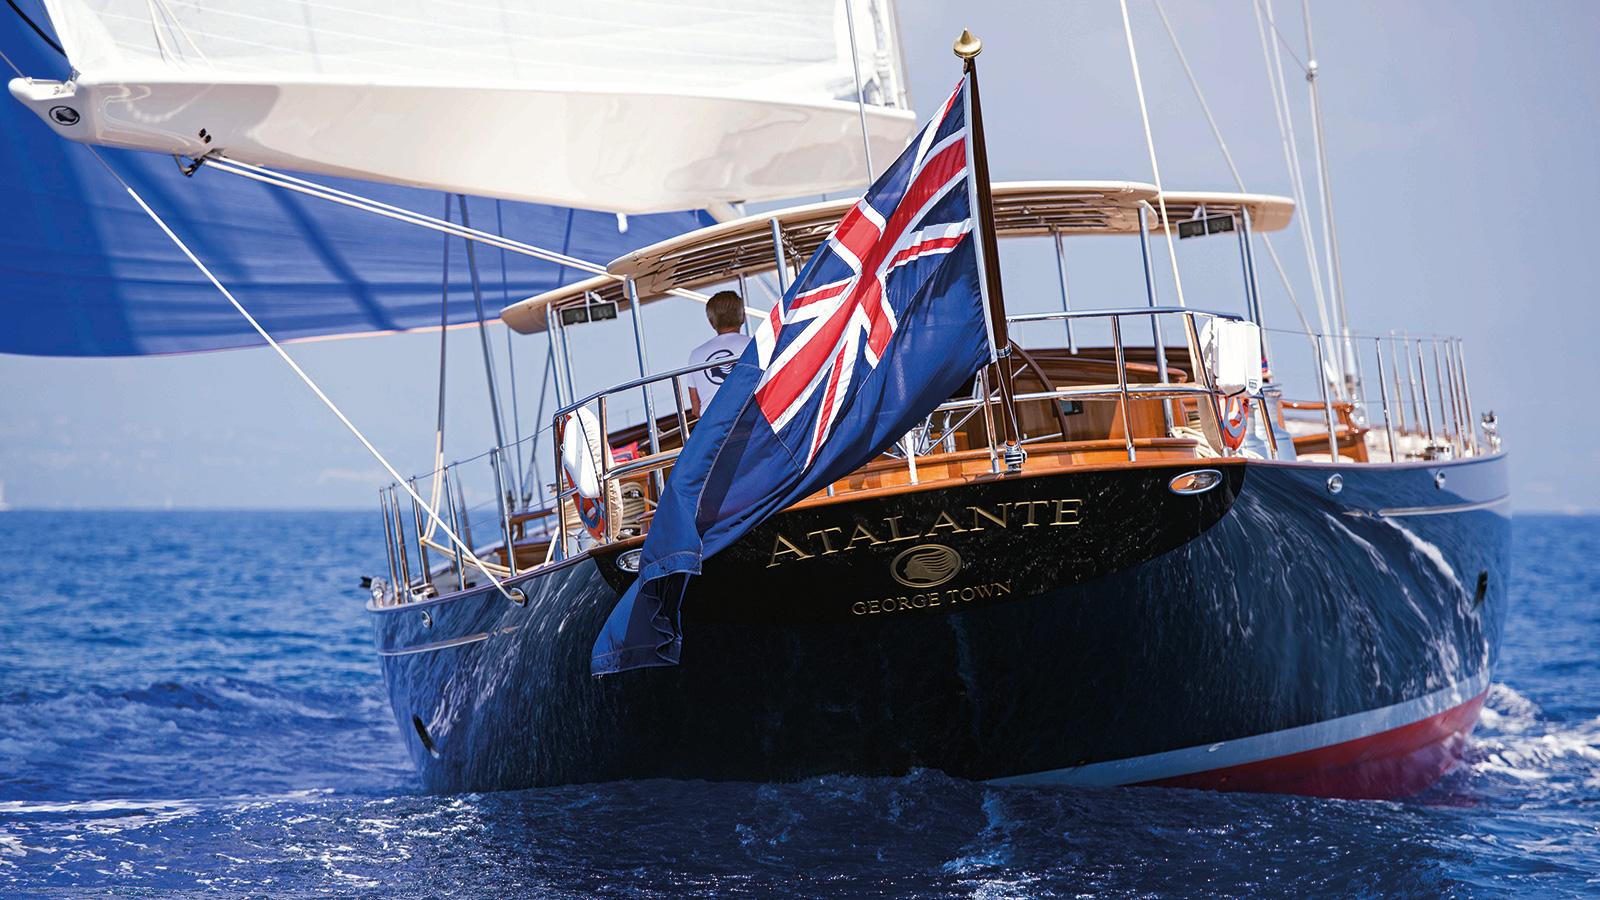 Atalante Yacht Aft